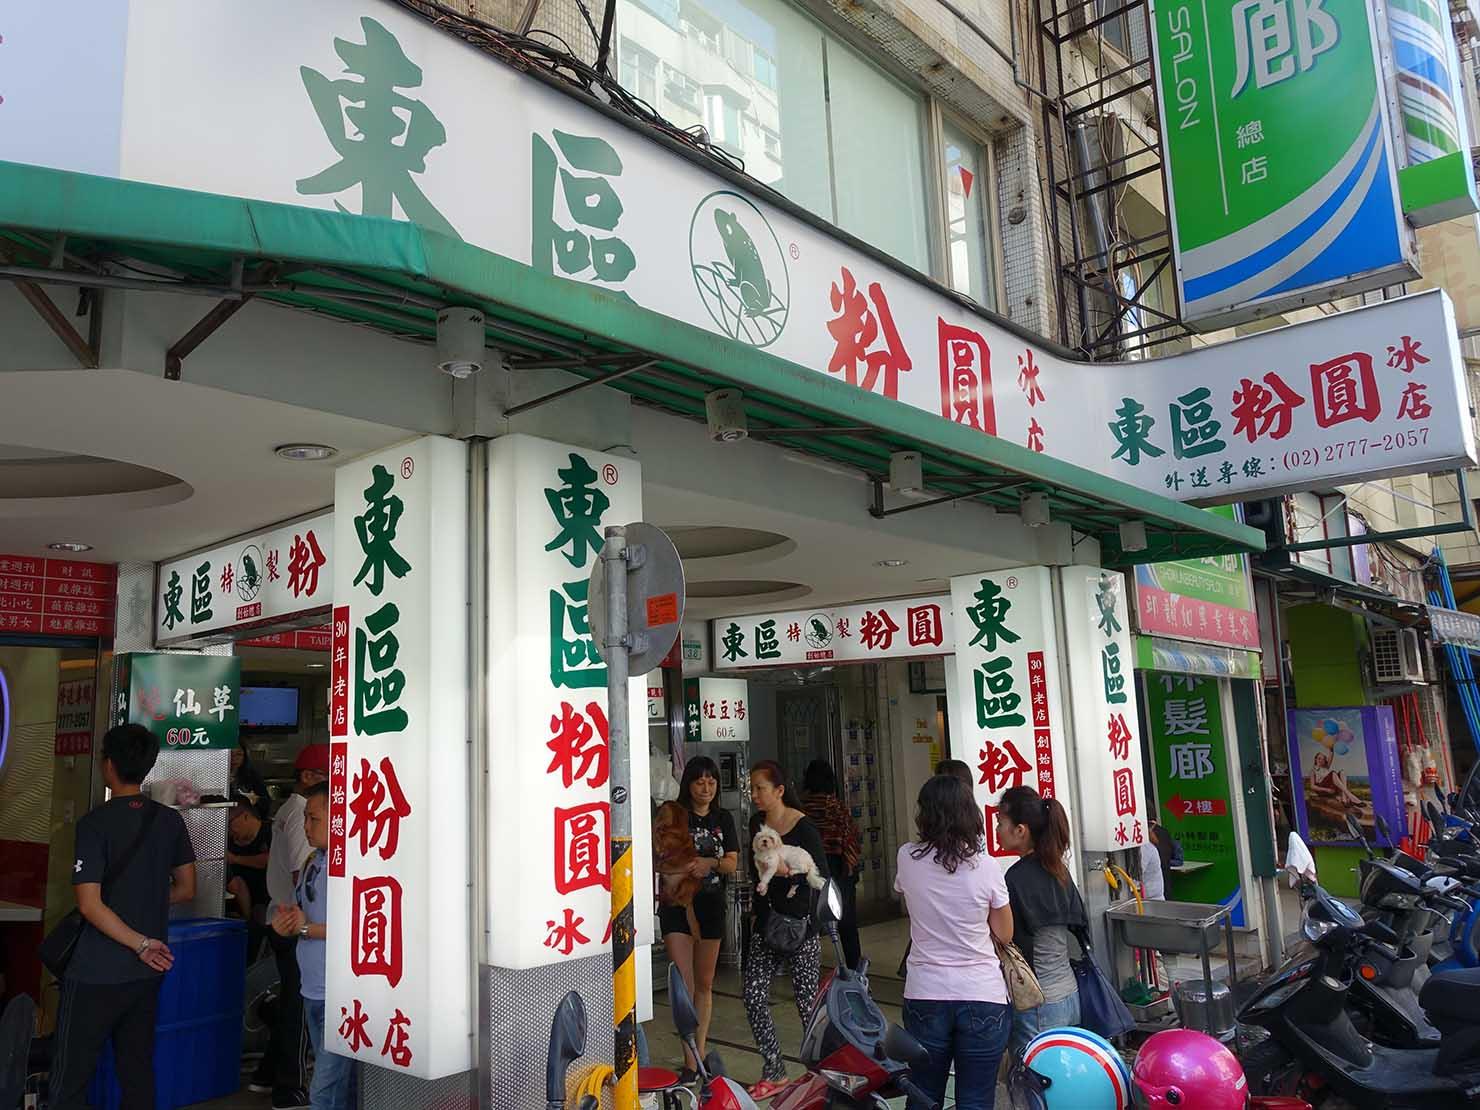 台北・忠孝敦化駅(東區)のおすすめスイーツ店「東區粉圓」の外観